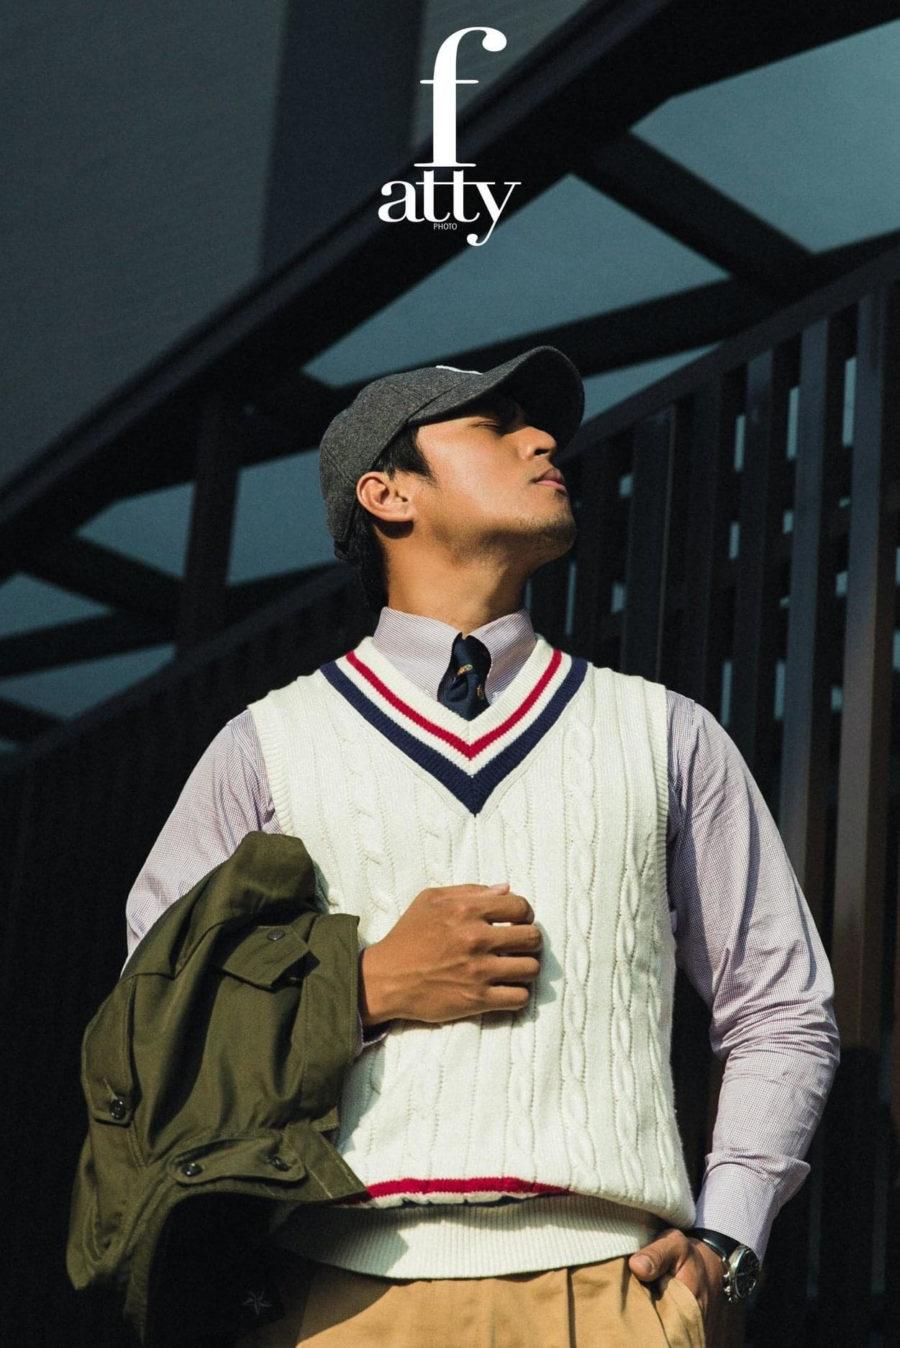 『台中/桃園/新竹西裝』Mr. Edison suit 愛迪生訂製西裝-西裝怎麼搭配棒球帽?